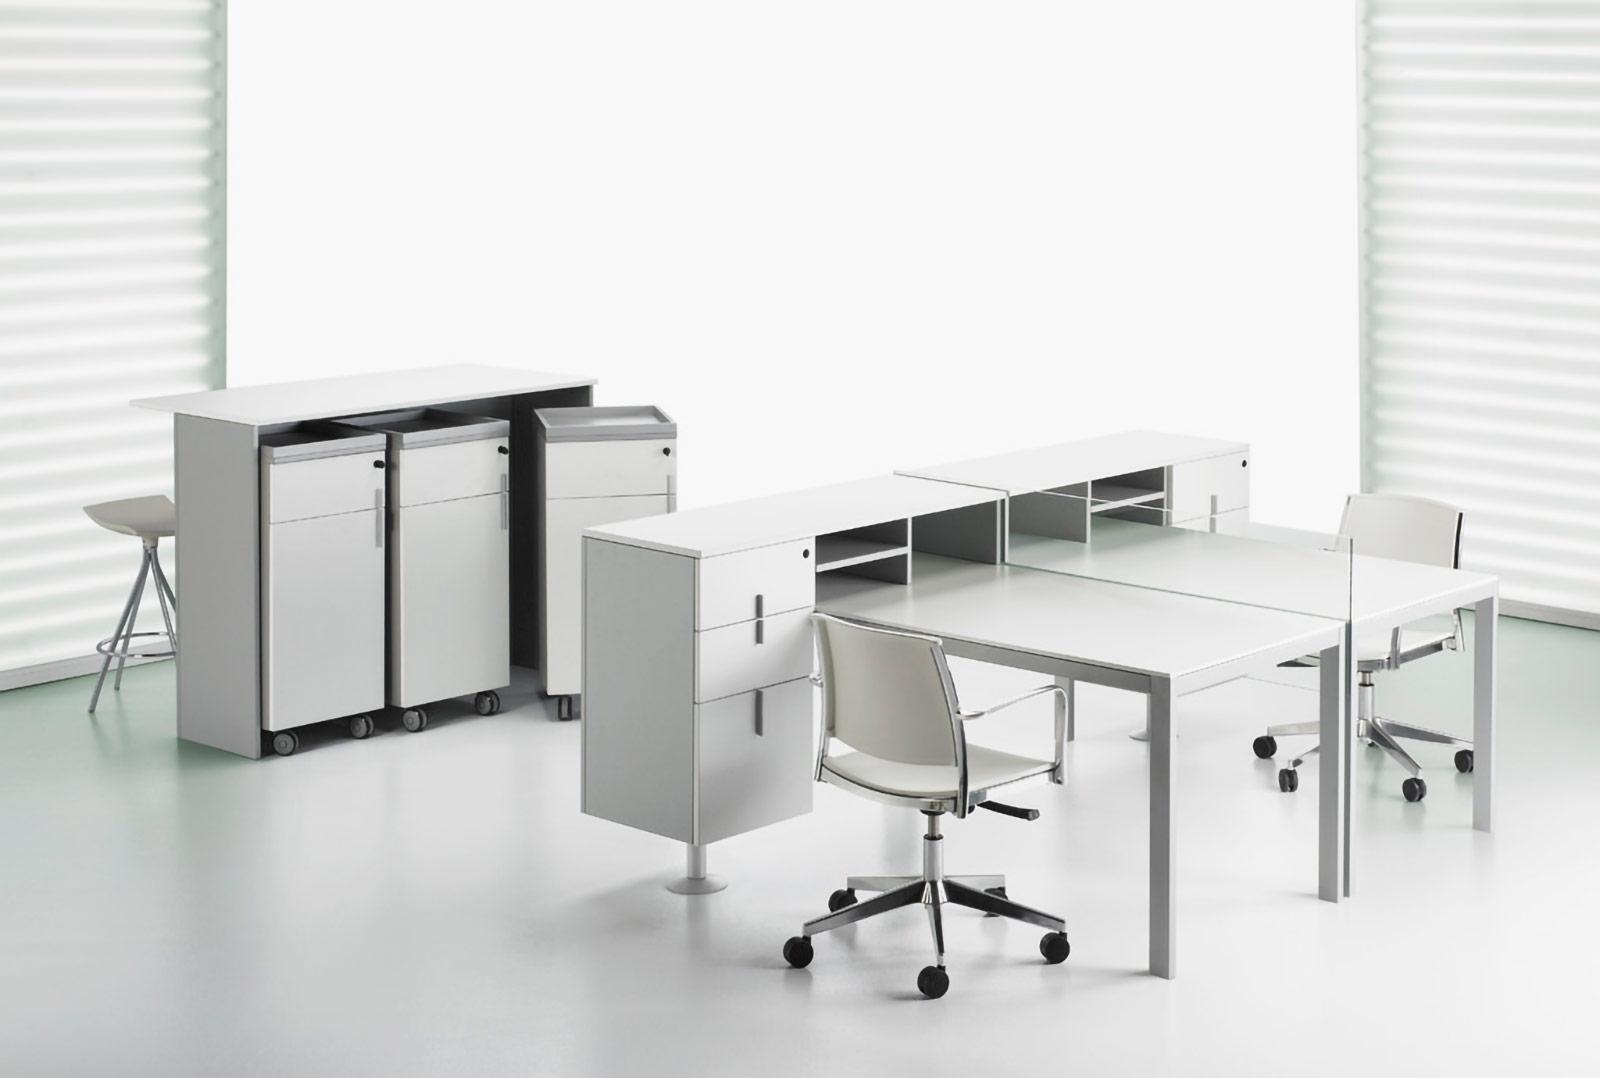 coinma-table-02